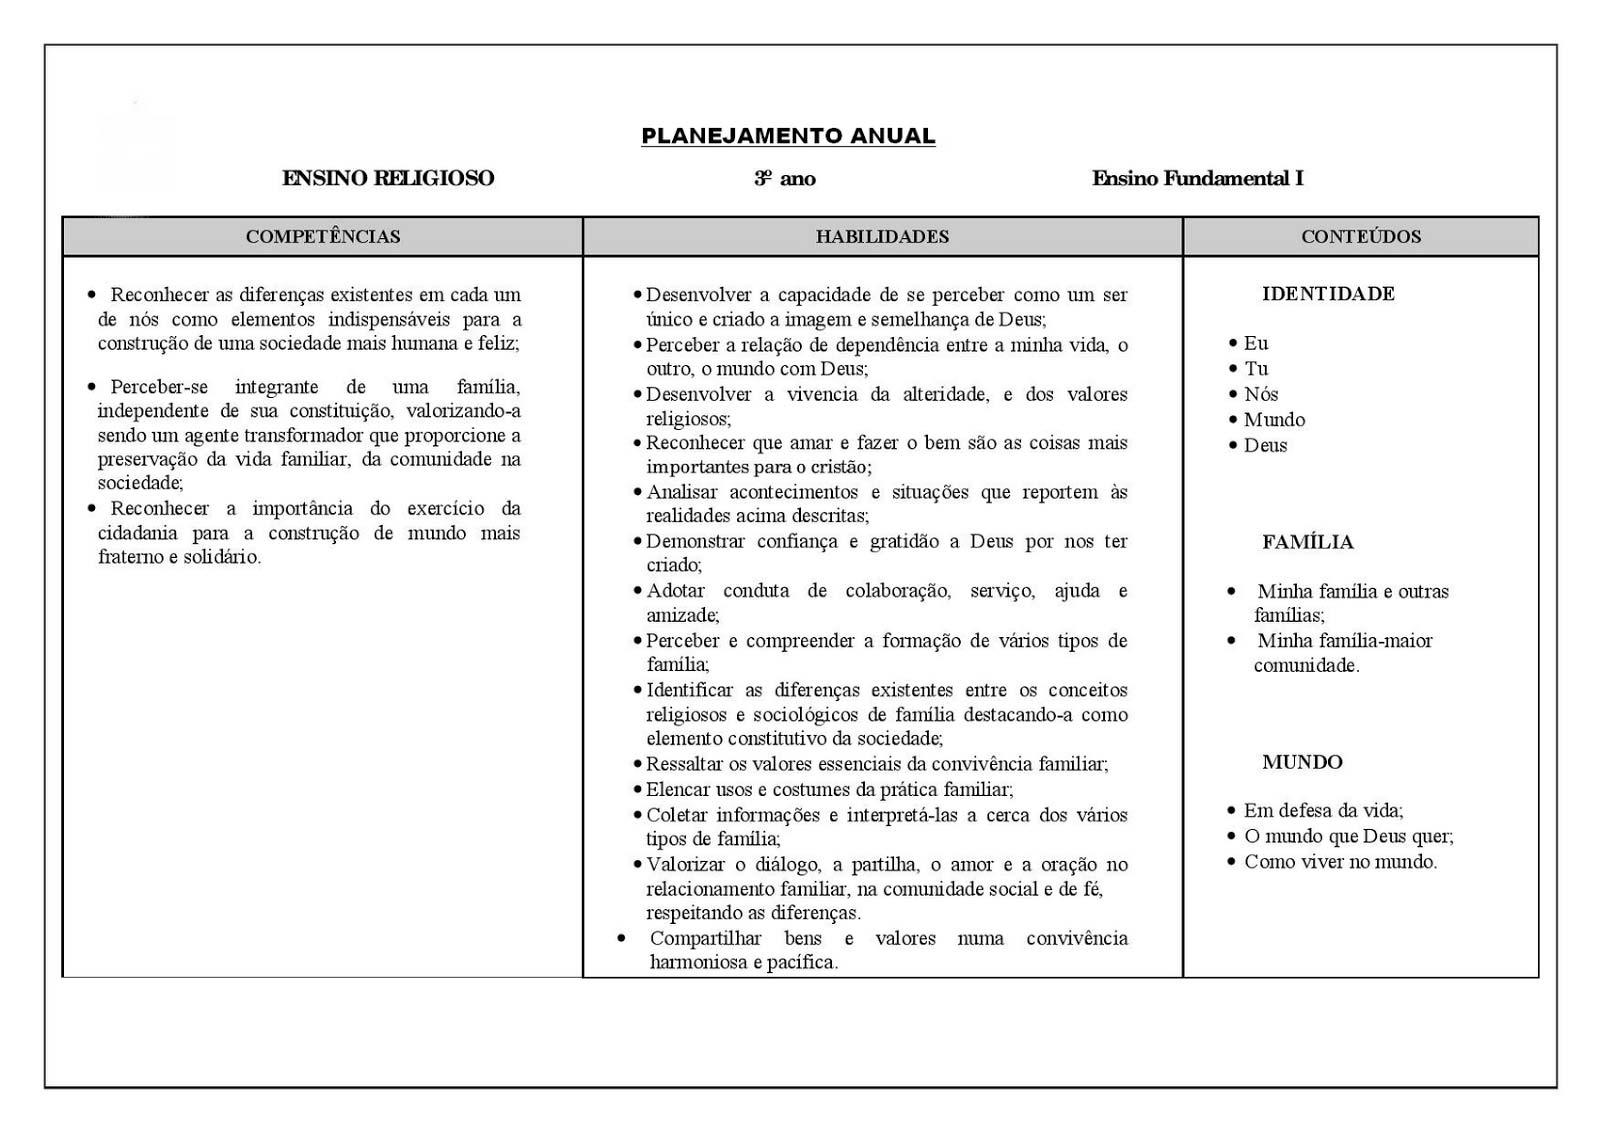 Excepcional Planejamento anual 3 ano de Ensino Religioso para imprimir  CZ24